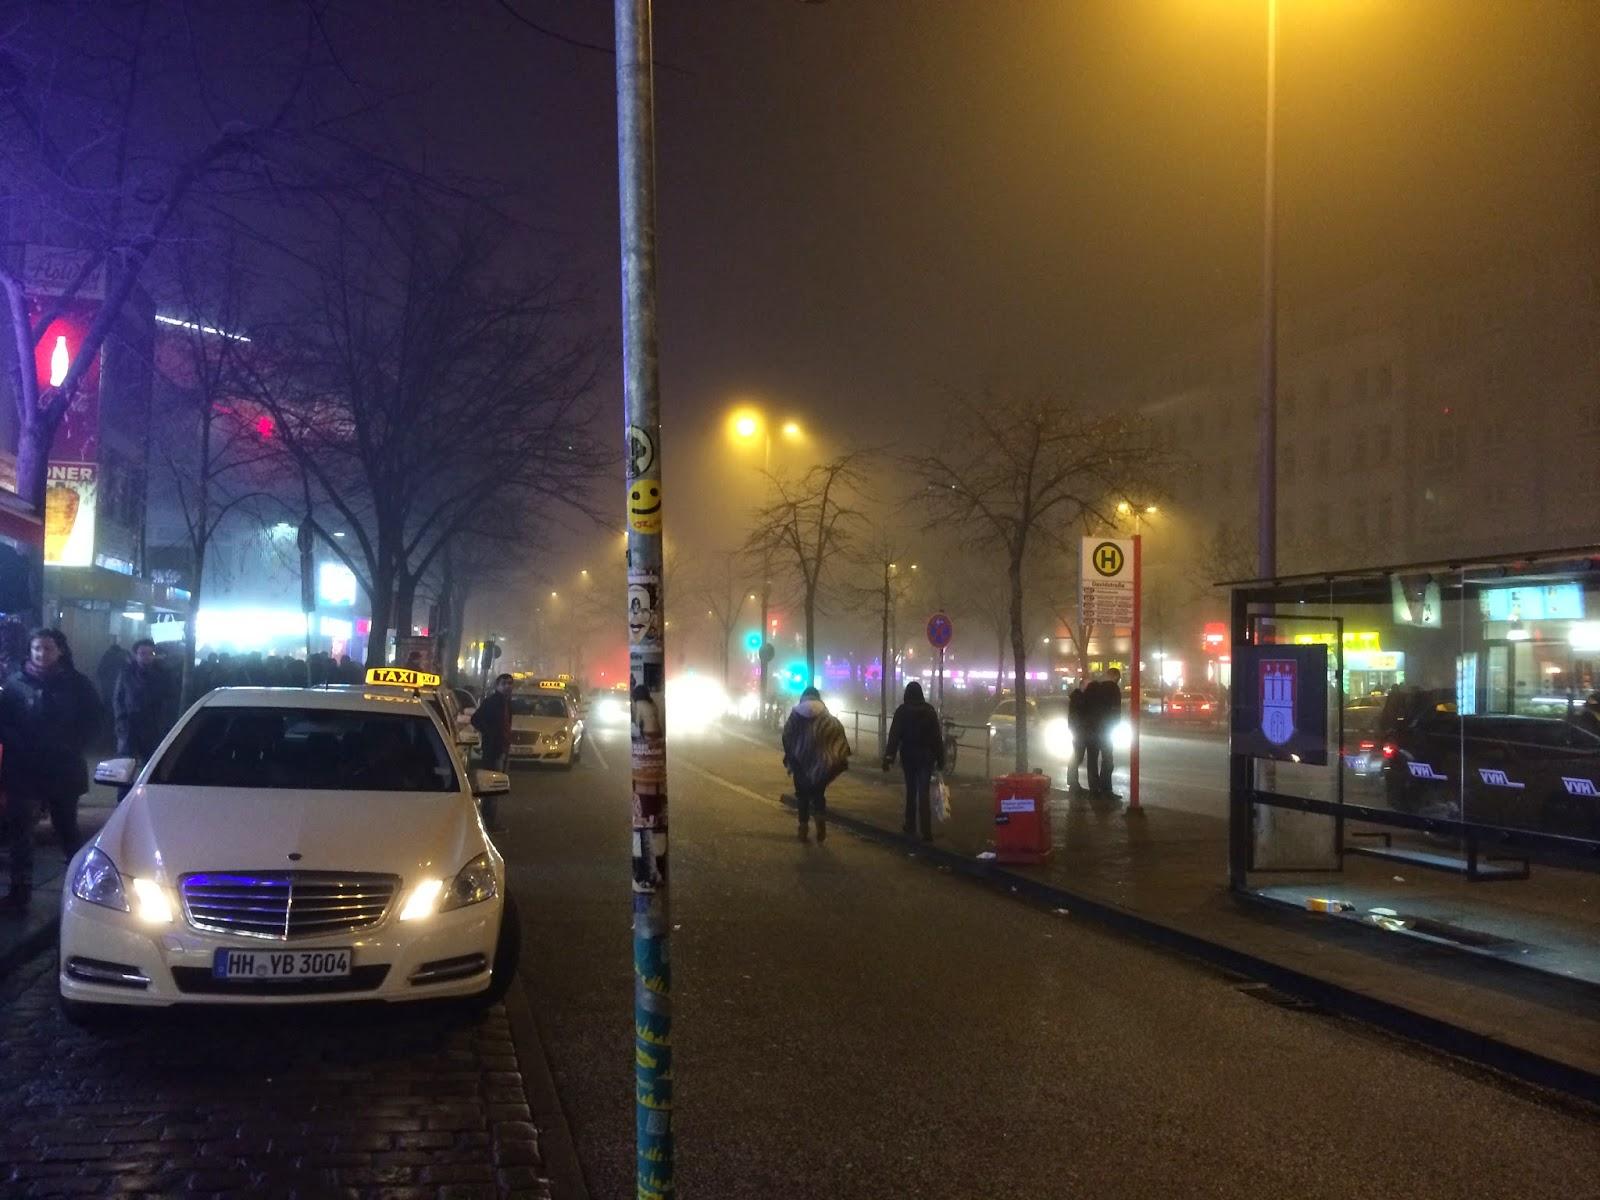 достопримечательности Гамбурга